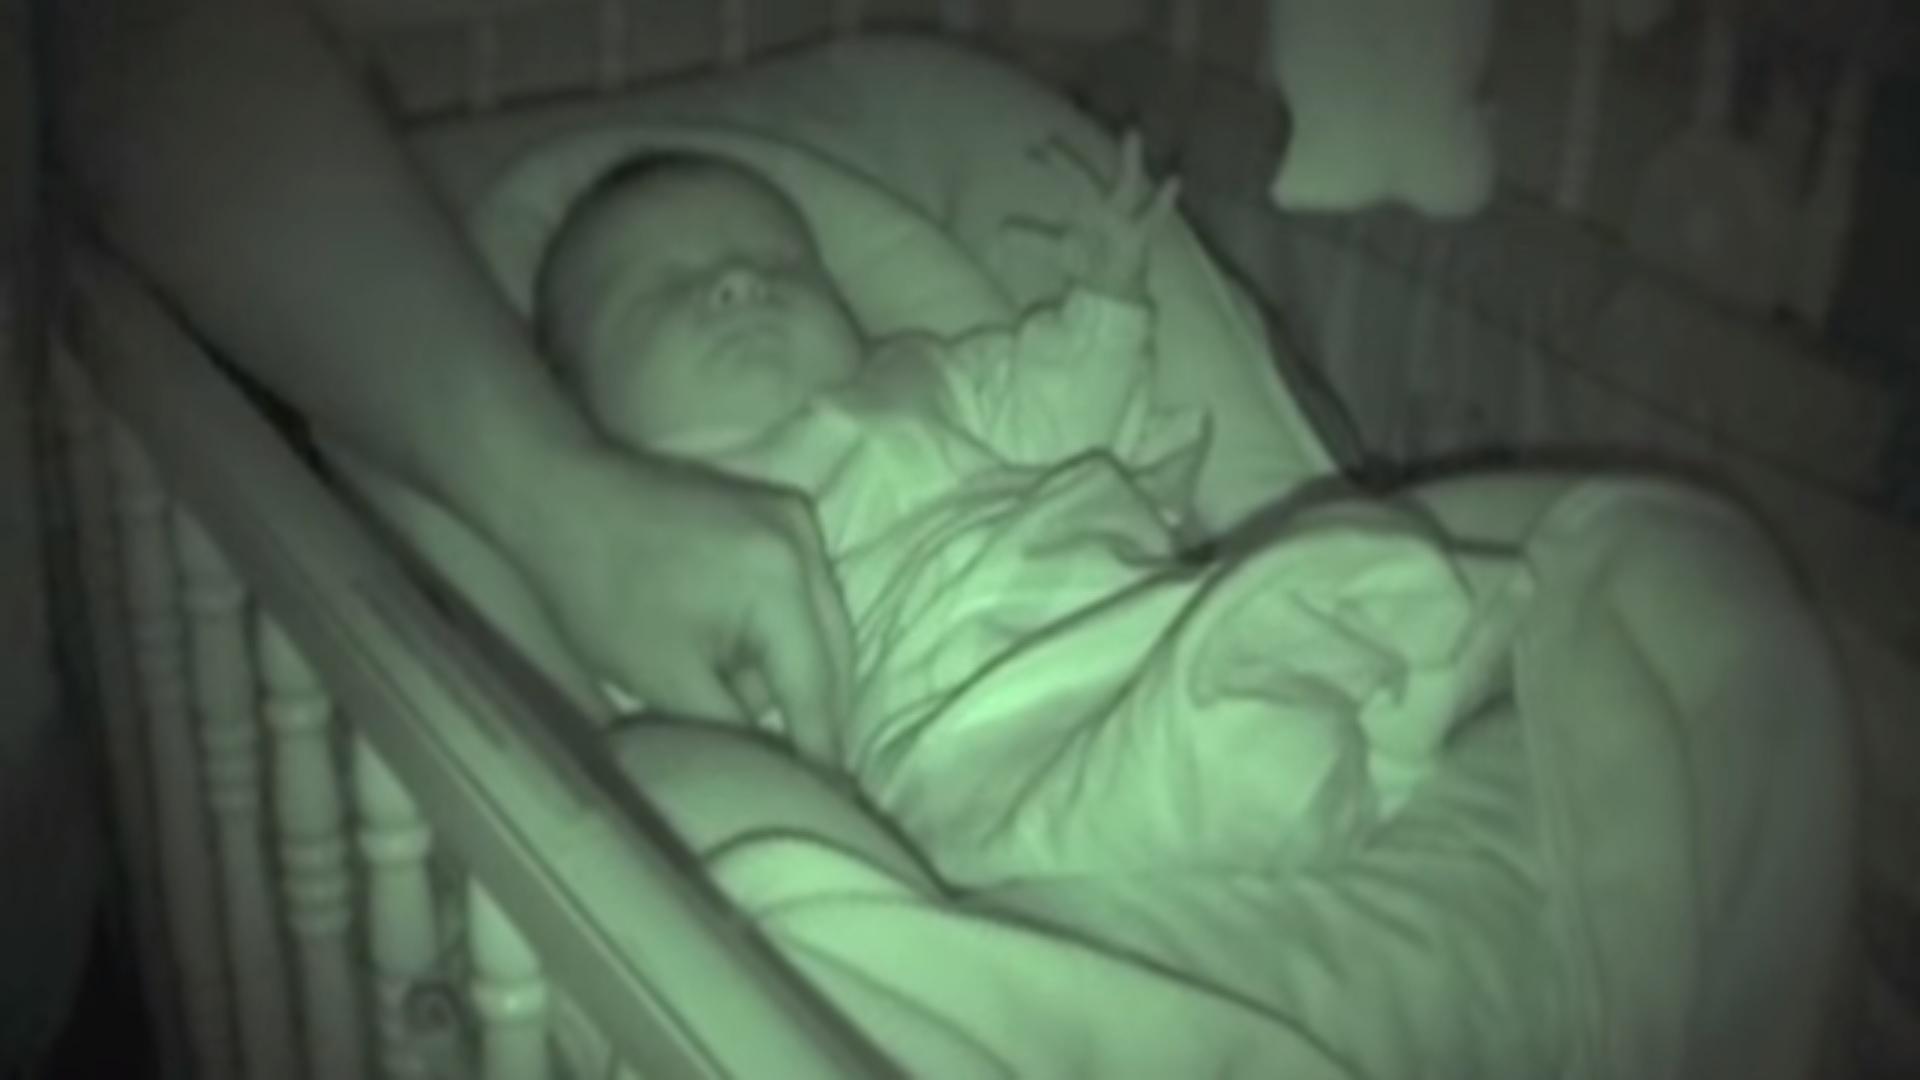 Još jednom je provjerila BEBU prije spavanja, a onda primijetila NAJČUDNIJU stvar